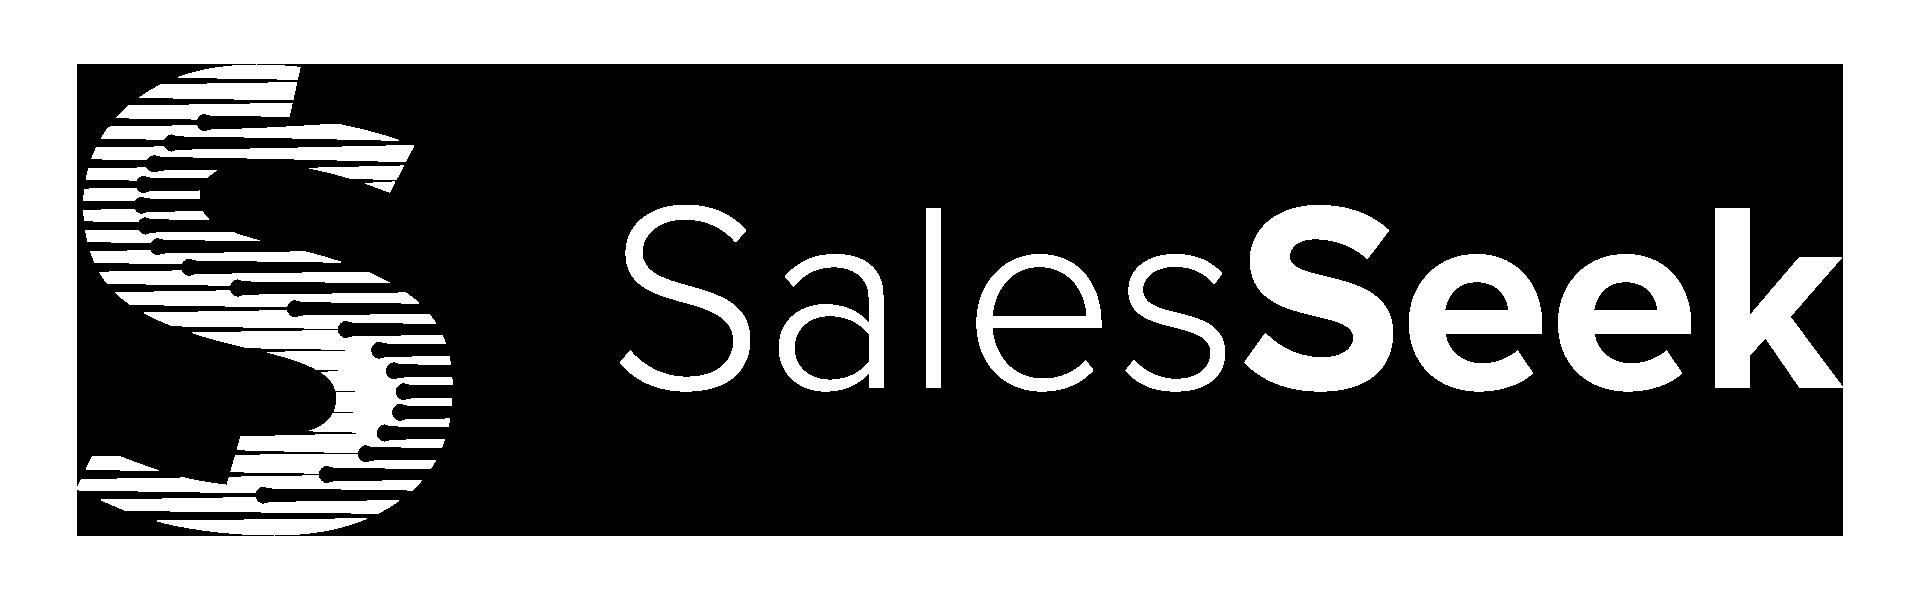 SalesSeek Help Center